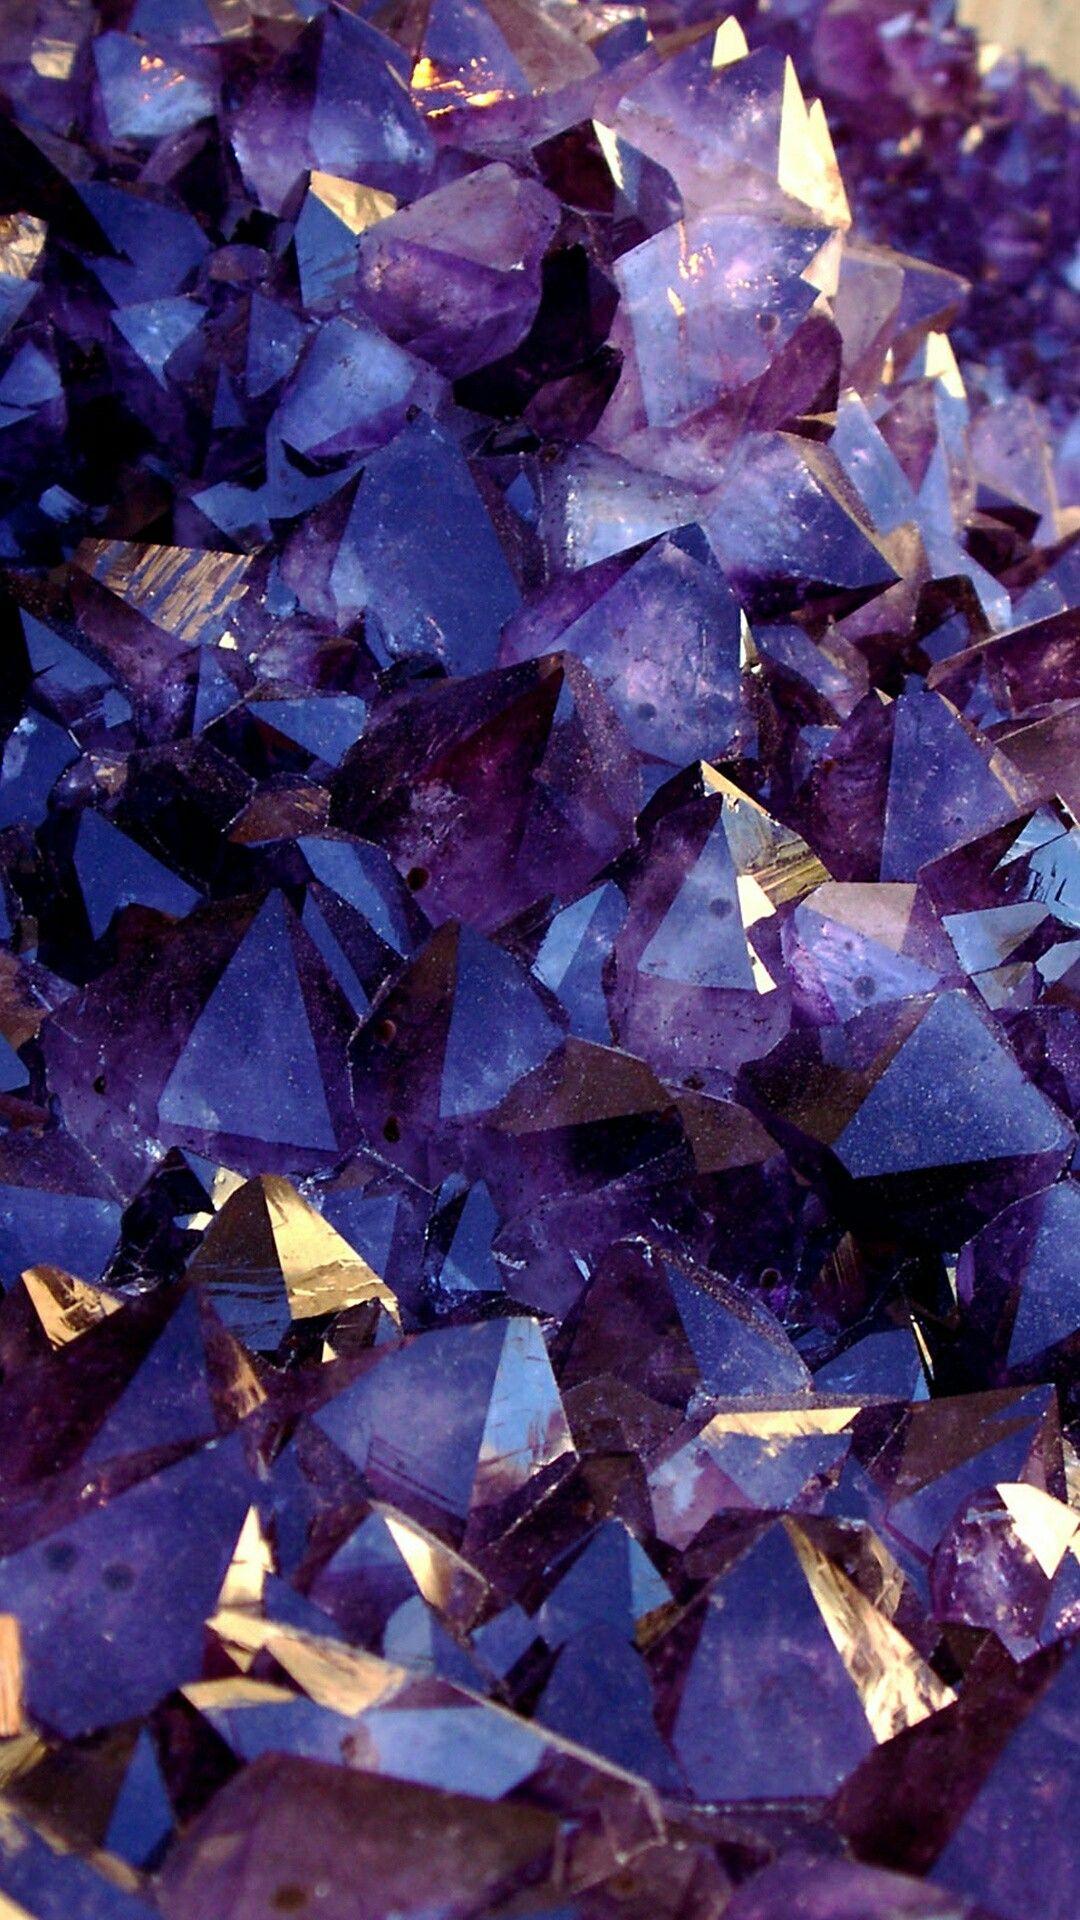 nuances de violet glitter crystals minerals rocks. Black Bedroom Furniture Sets. Home Design Ideas